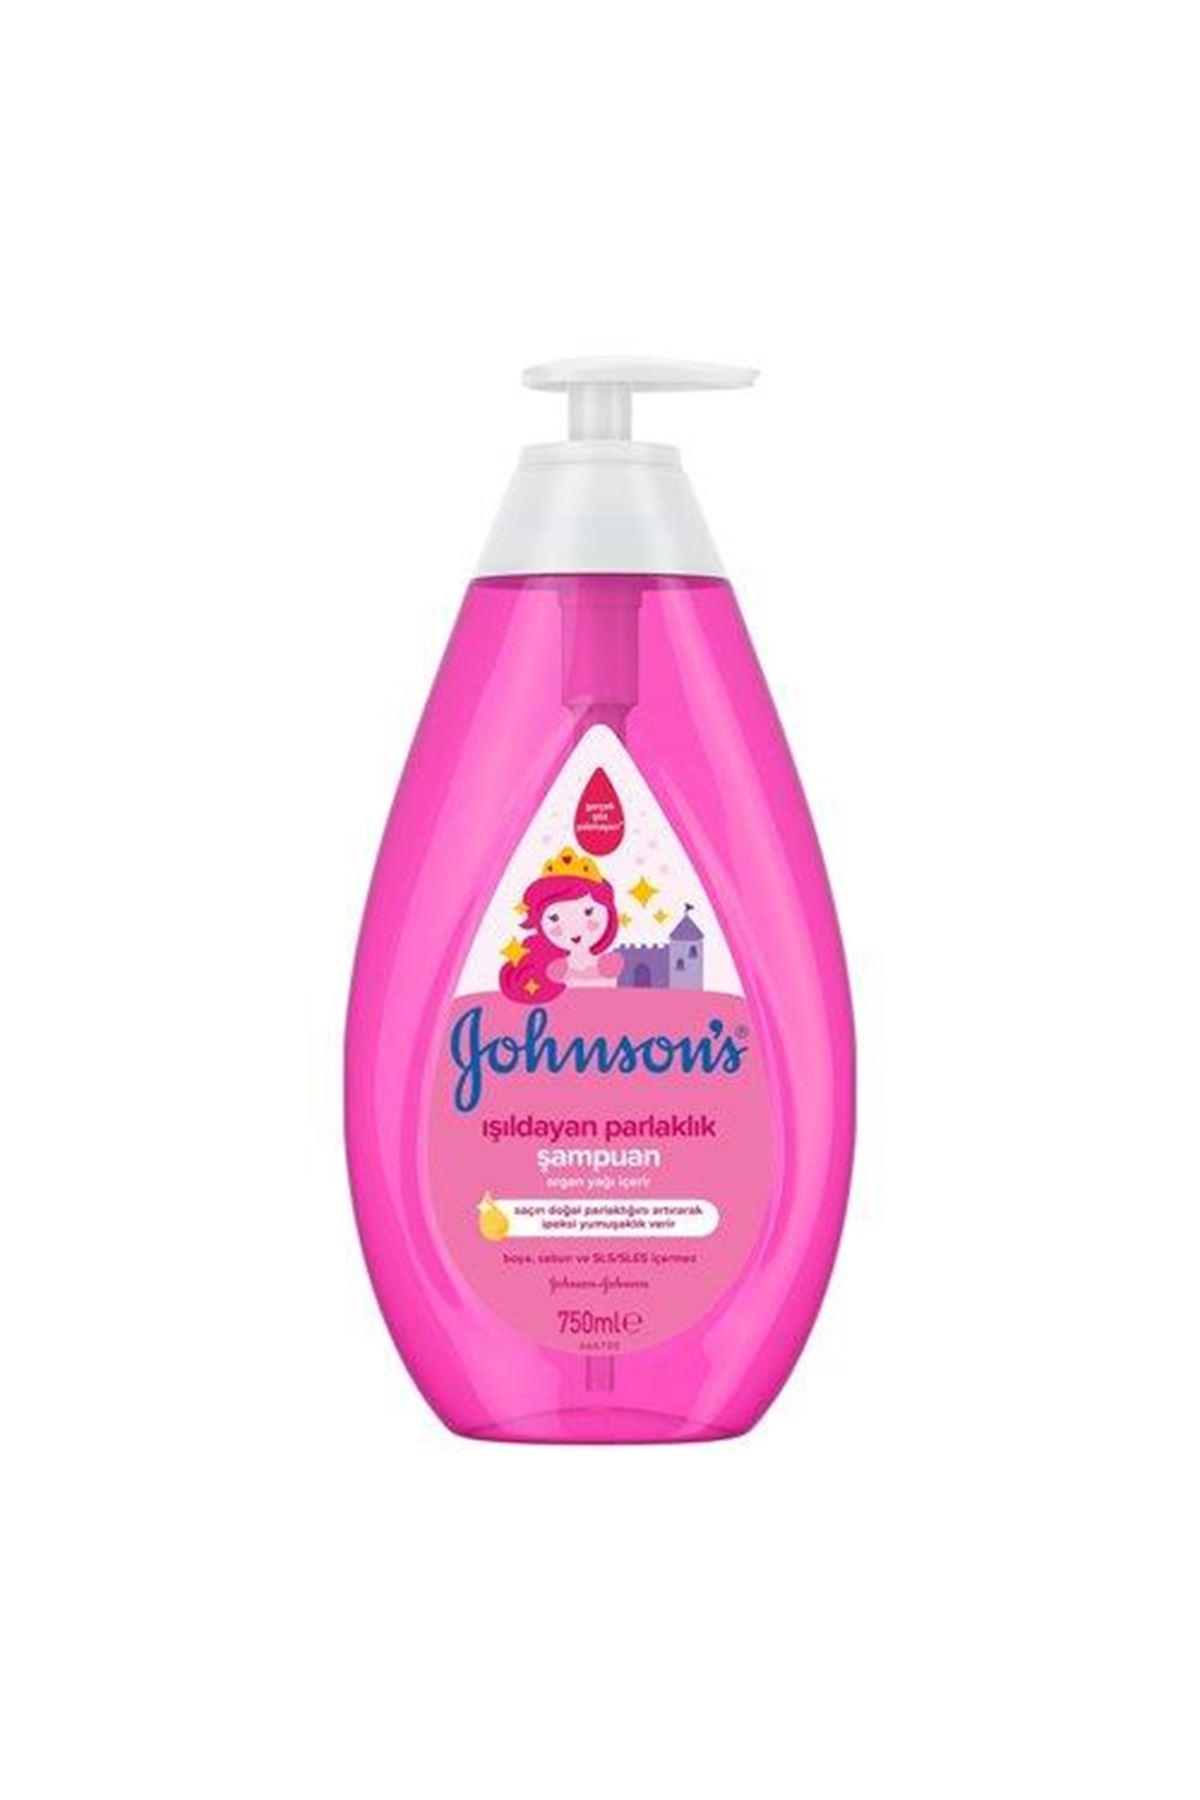 Johnson's Baby Işıldayan Parlaklık Bebek Şampuanı 750 ml